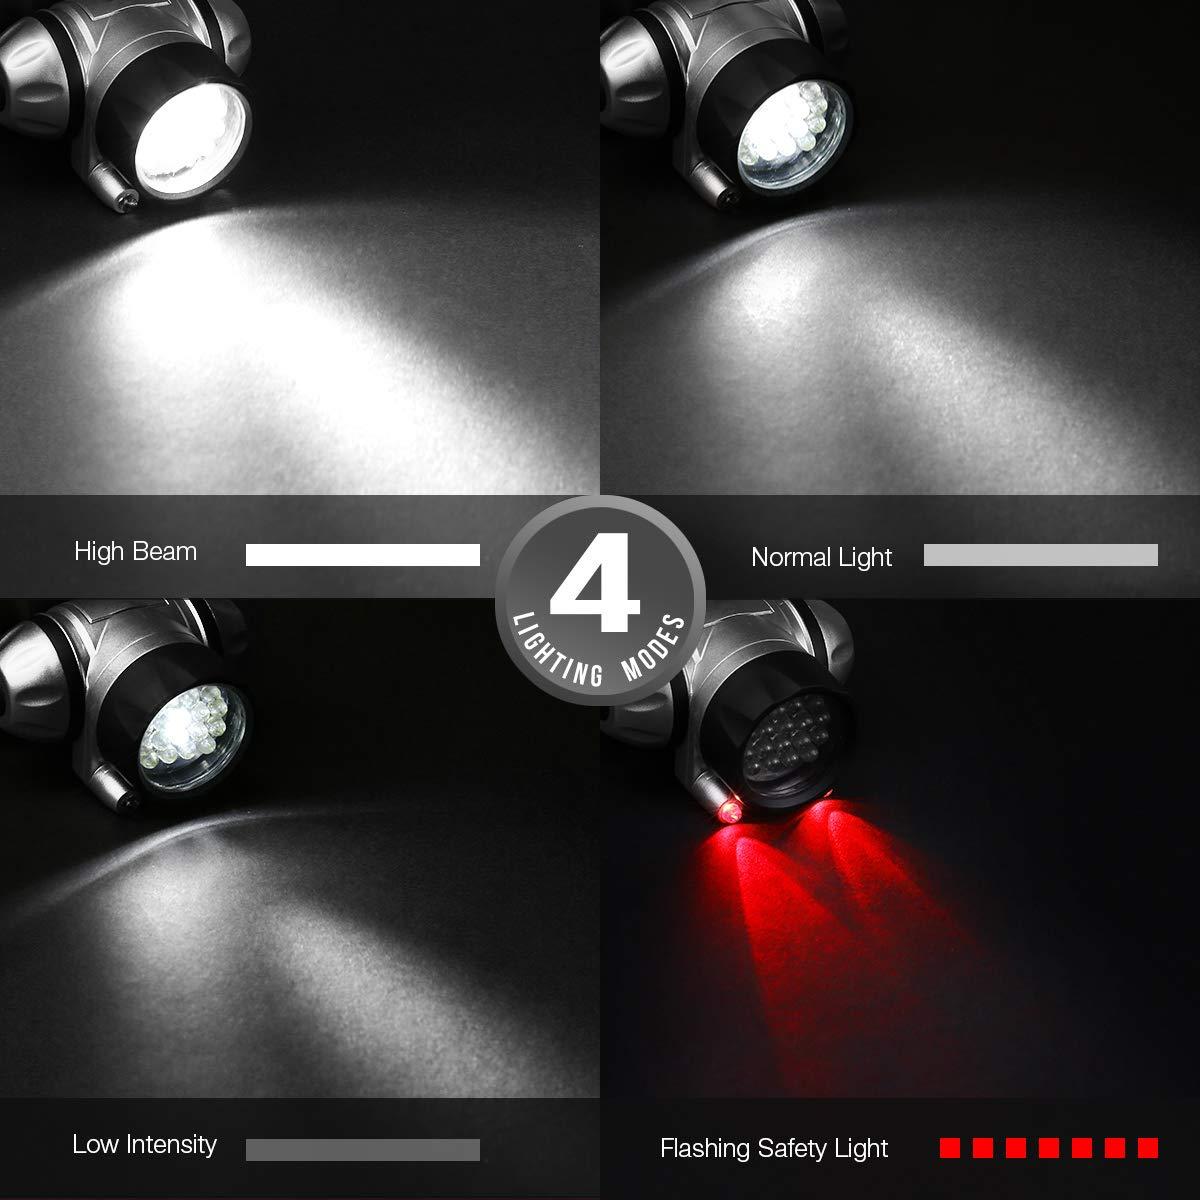 AAA Batterien Inklusive Ausflug LED Kopflampe ideal f/ür Wandern 4 Helligkeiten zu wahlen LOUX Stirnlampen Camping leicht und superhell